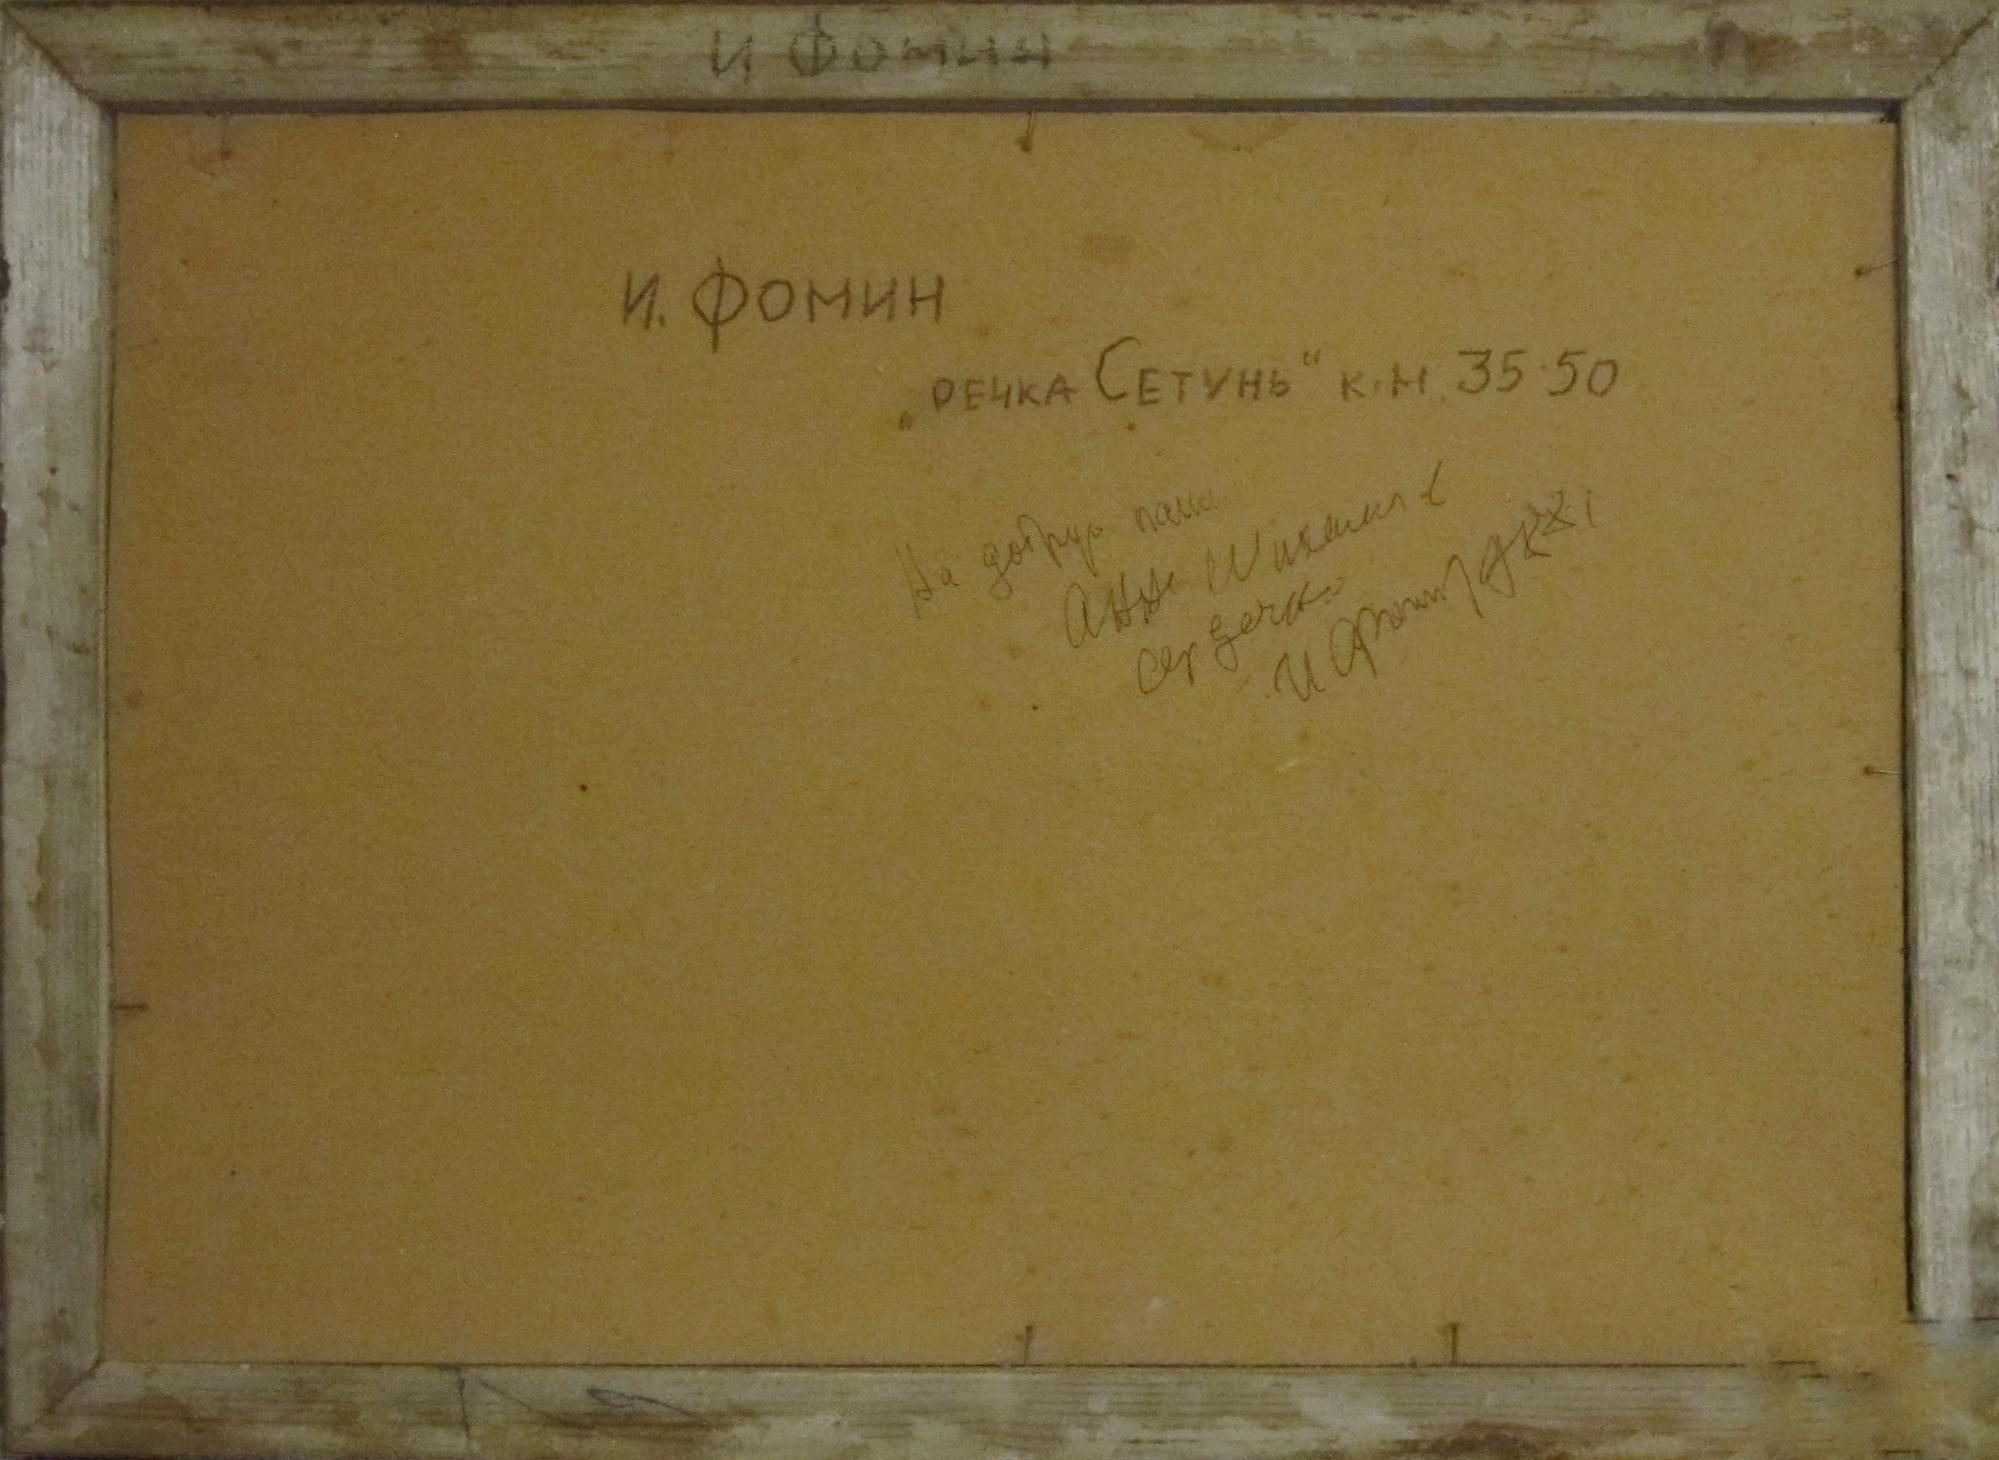 Оборот. Фомин Иван Николаевич. Речка Сетунь